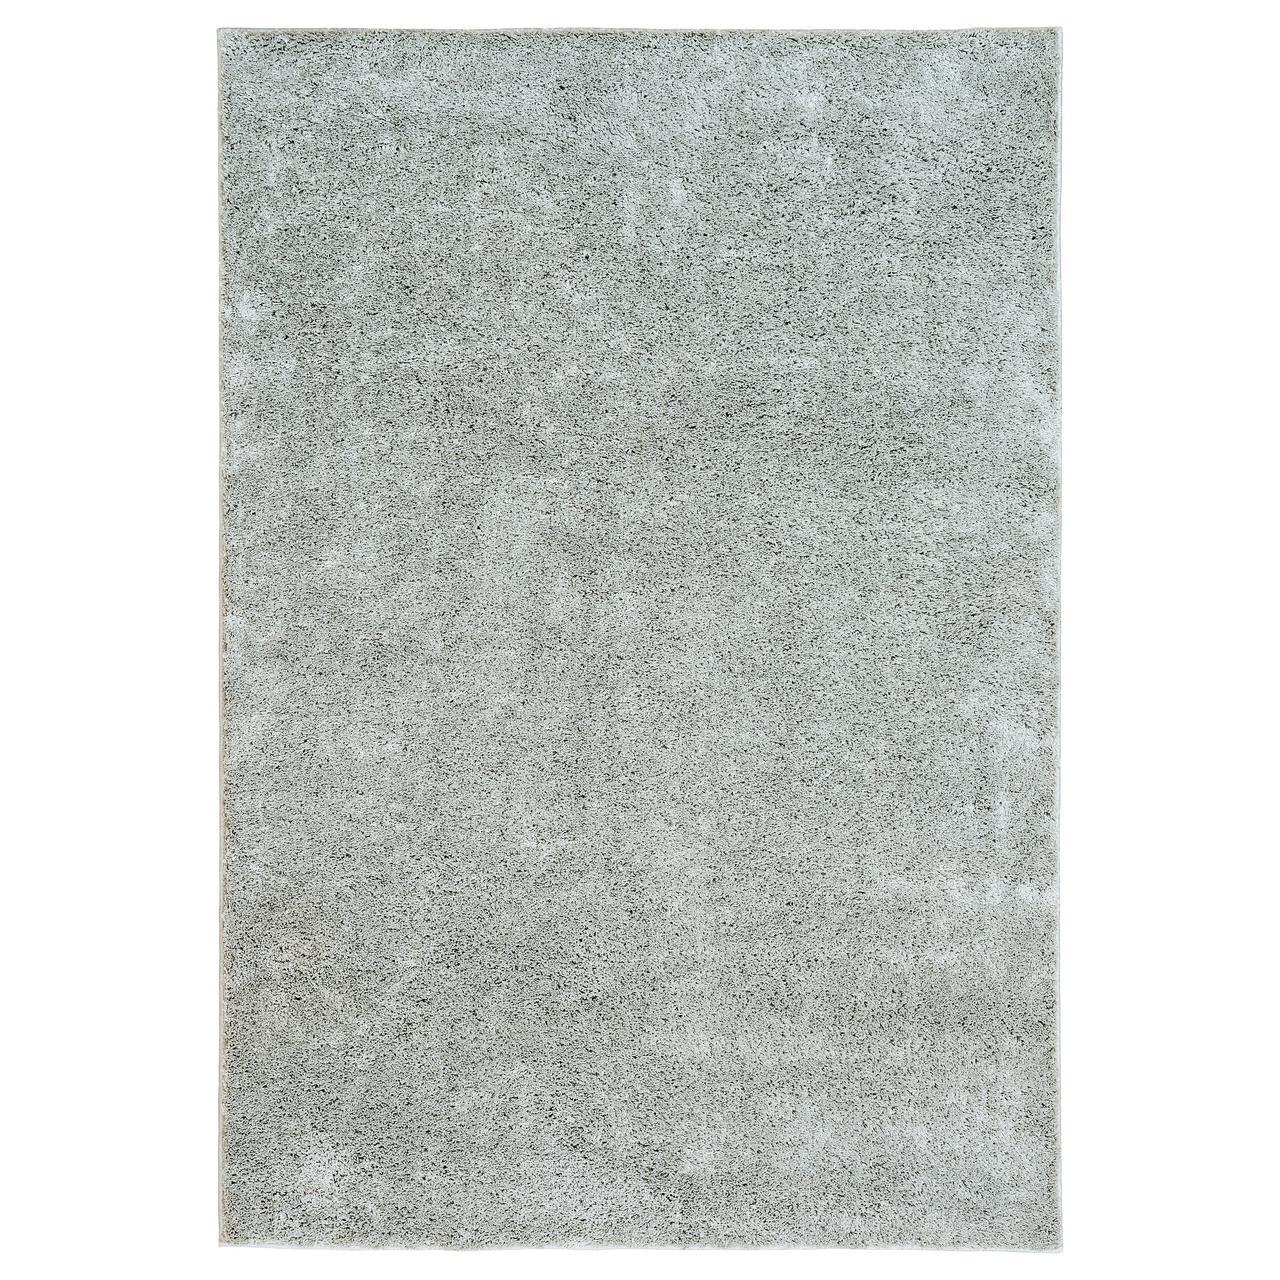 ВОНГЕ Ковер, длинный ворс, светло-серый